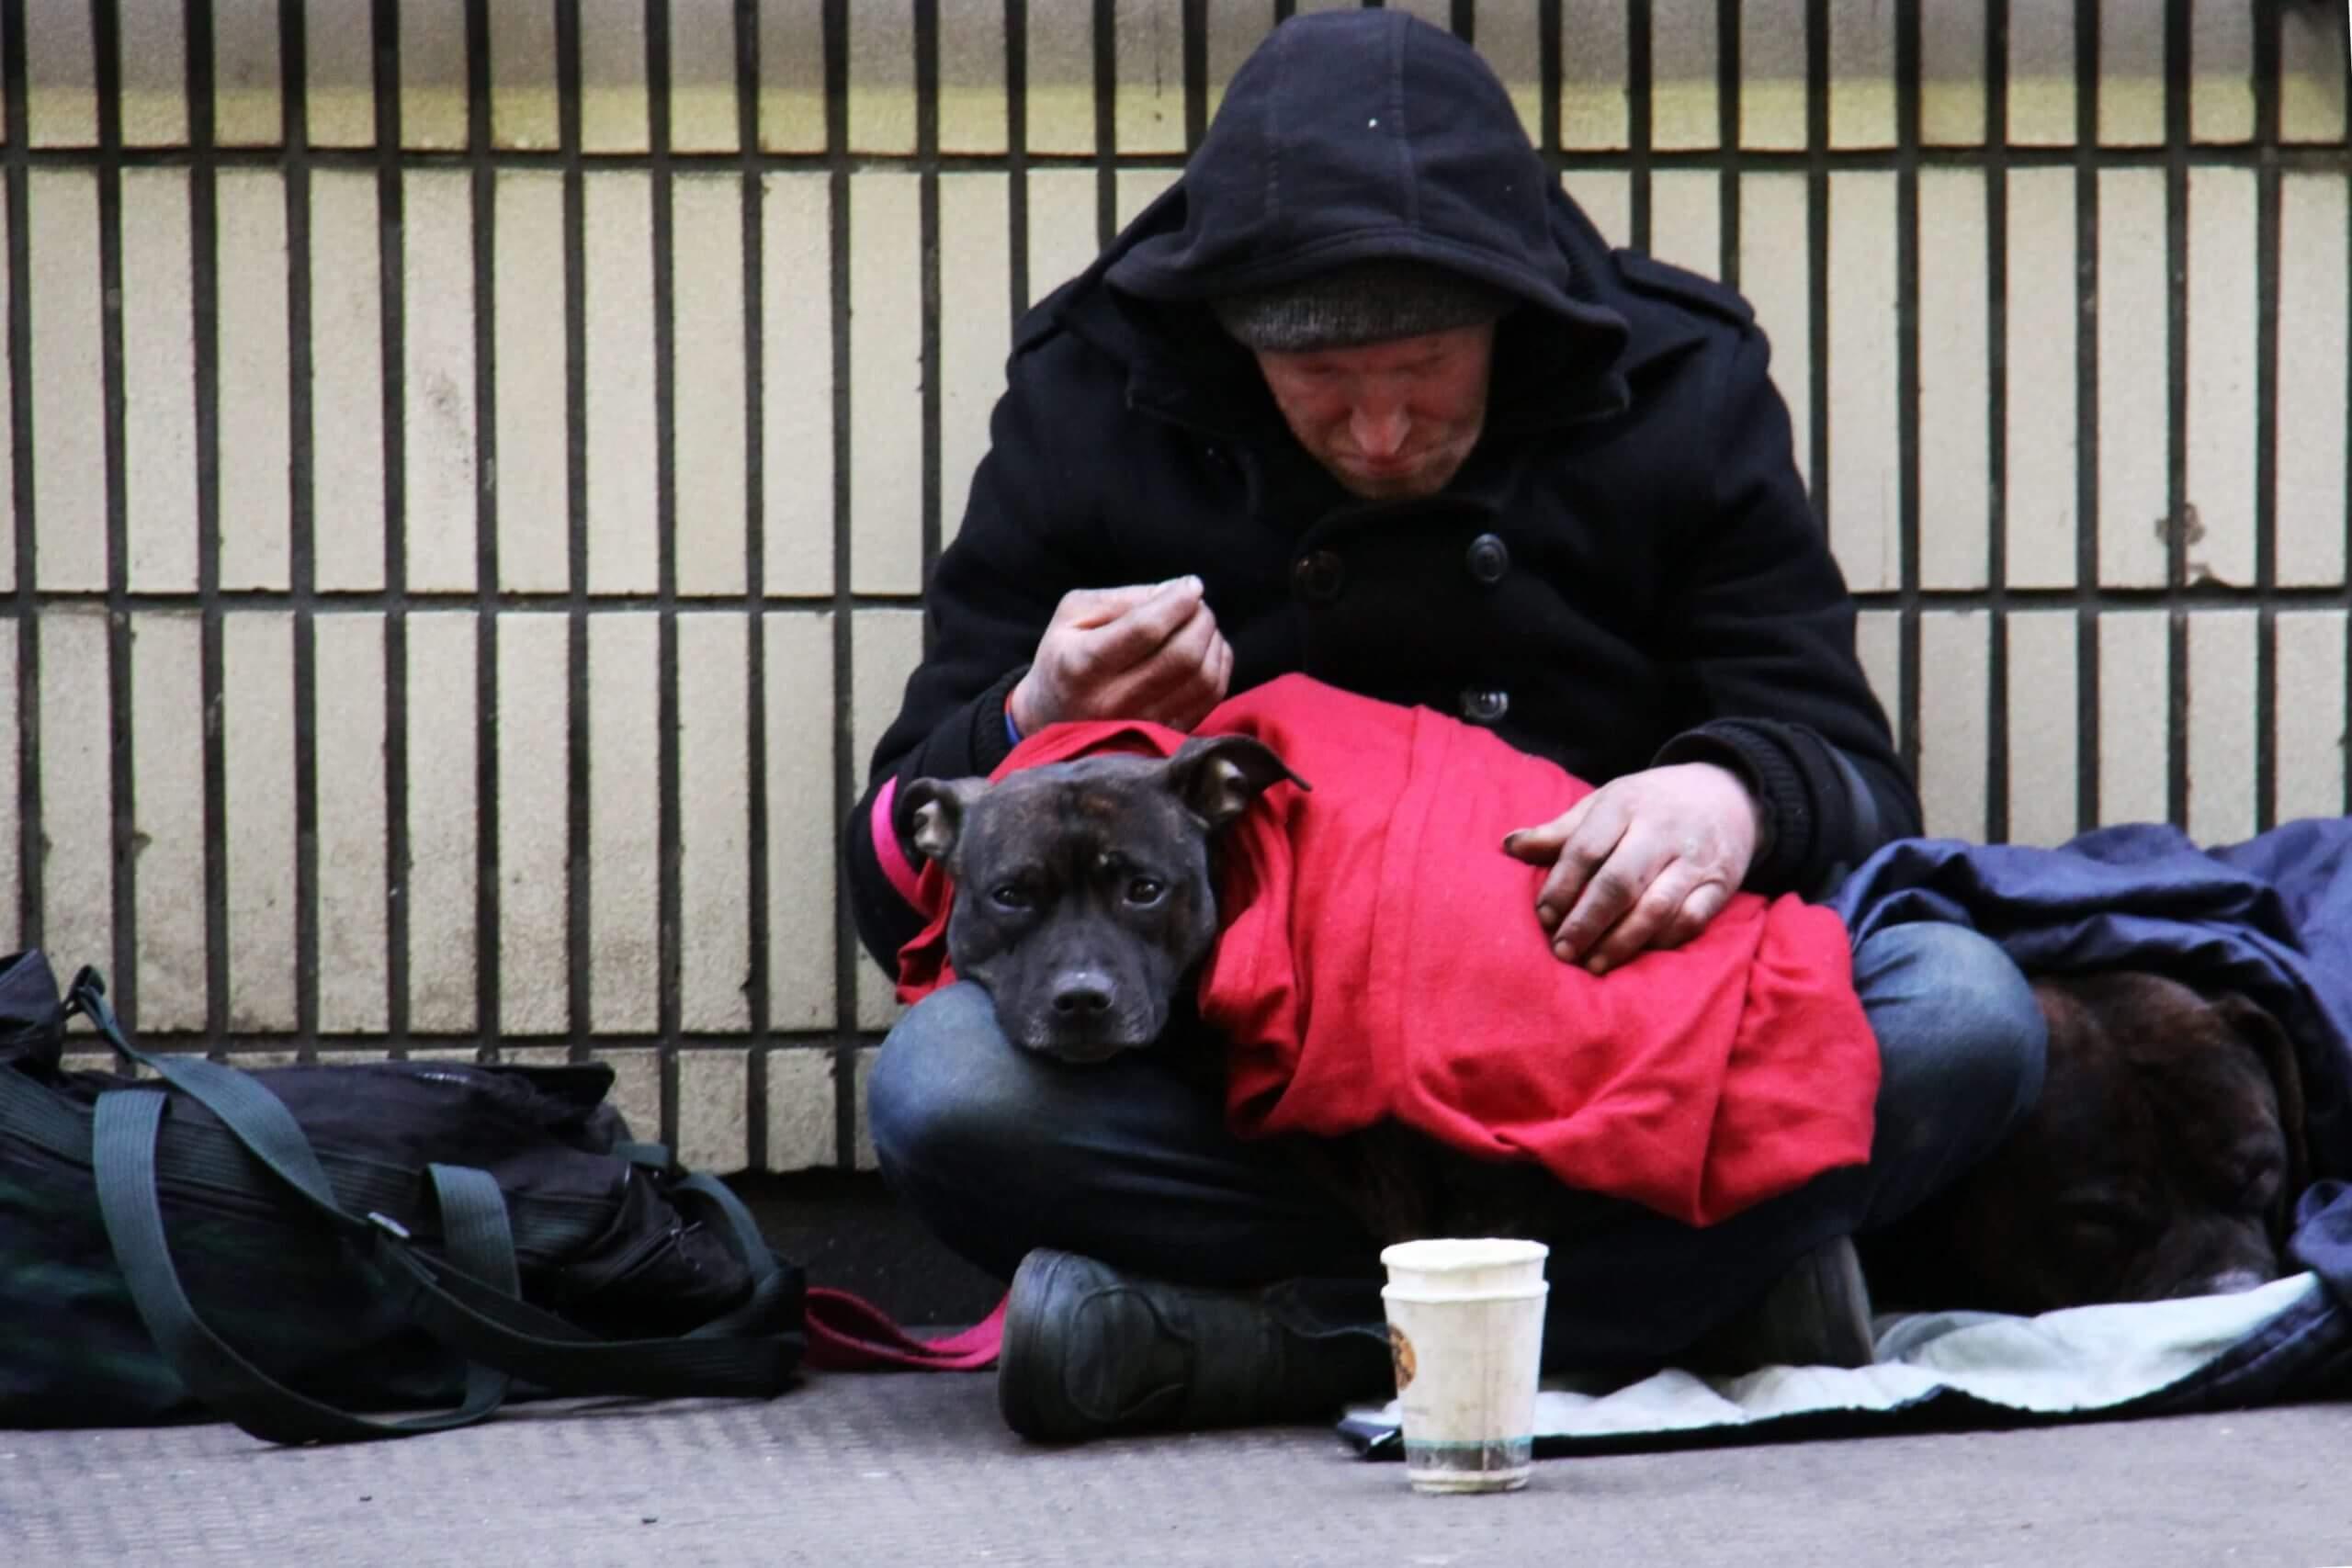 Jornada Mundial de los Pobres, el domingo 17 de noviembre